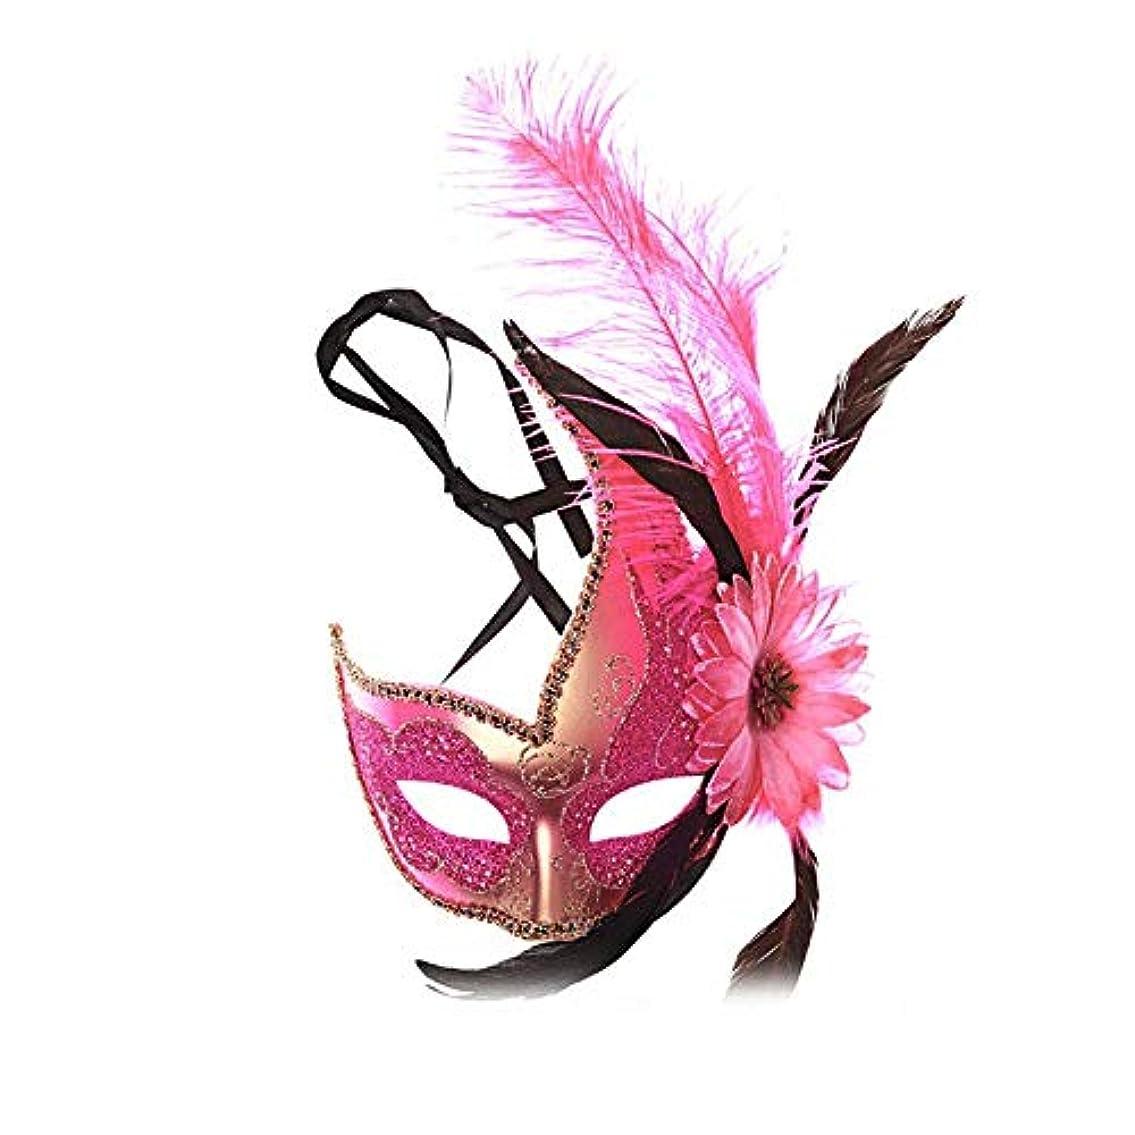 それ謝罪する個人Nanle ハロウィンマスクハーフフェザーマスクベニスプリンセスマスク美容レース仮面ライダーコスプレ (色 : Style B rose red)